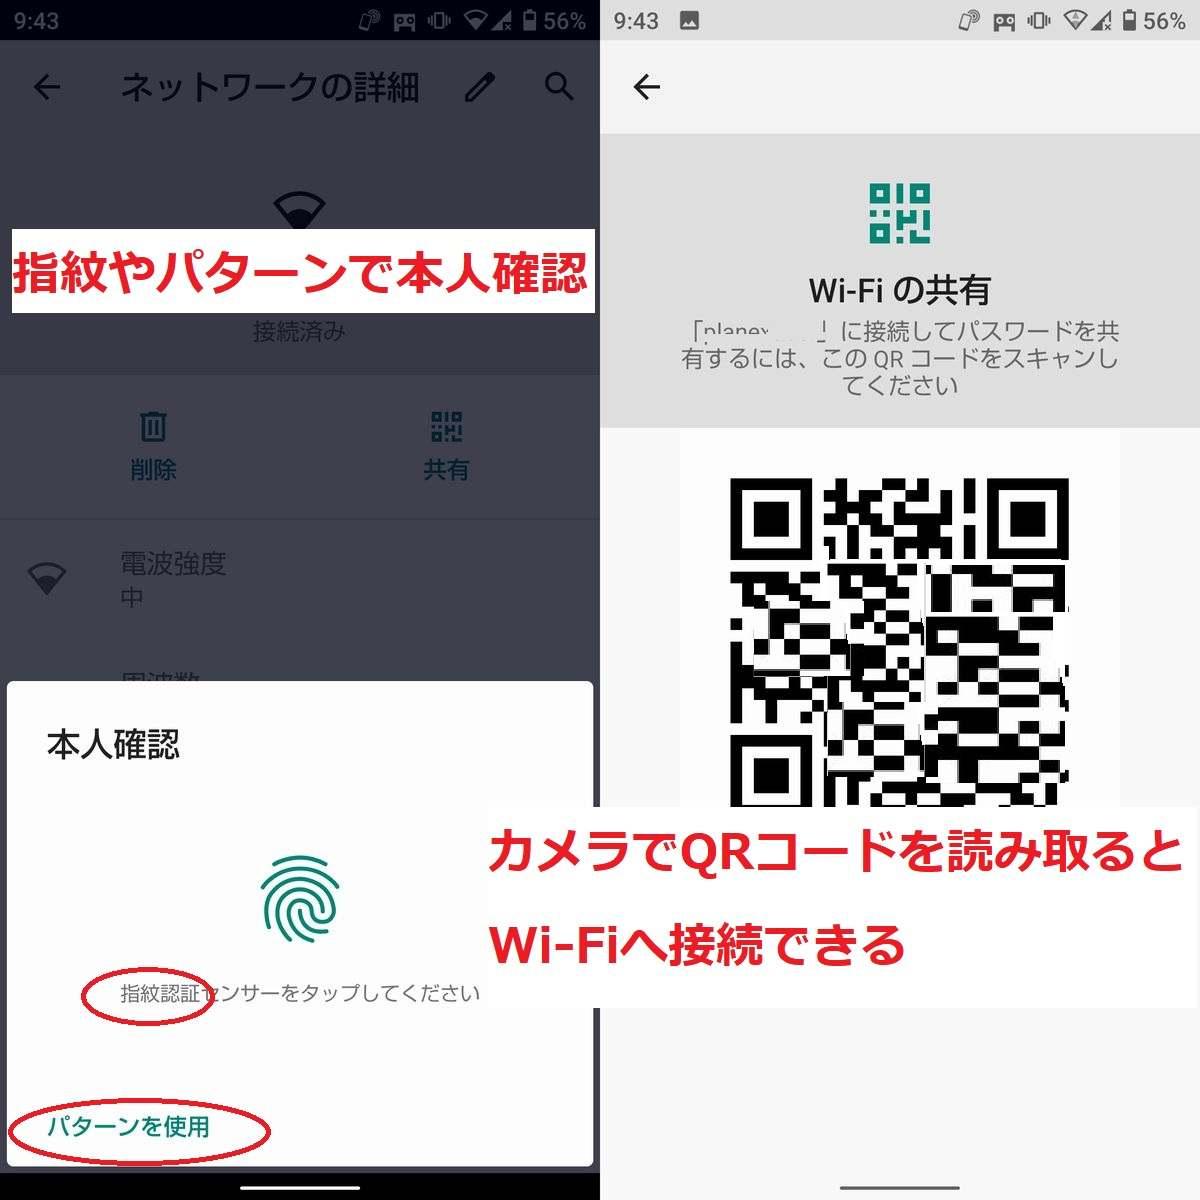 Wi-FiのQRコード表示画面